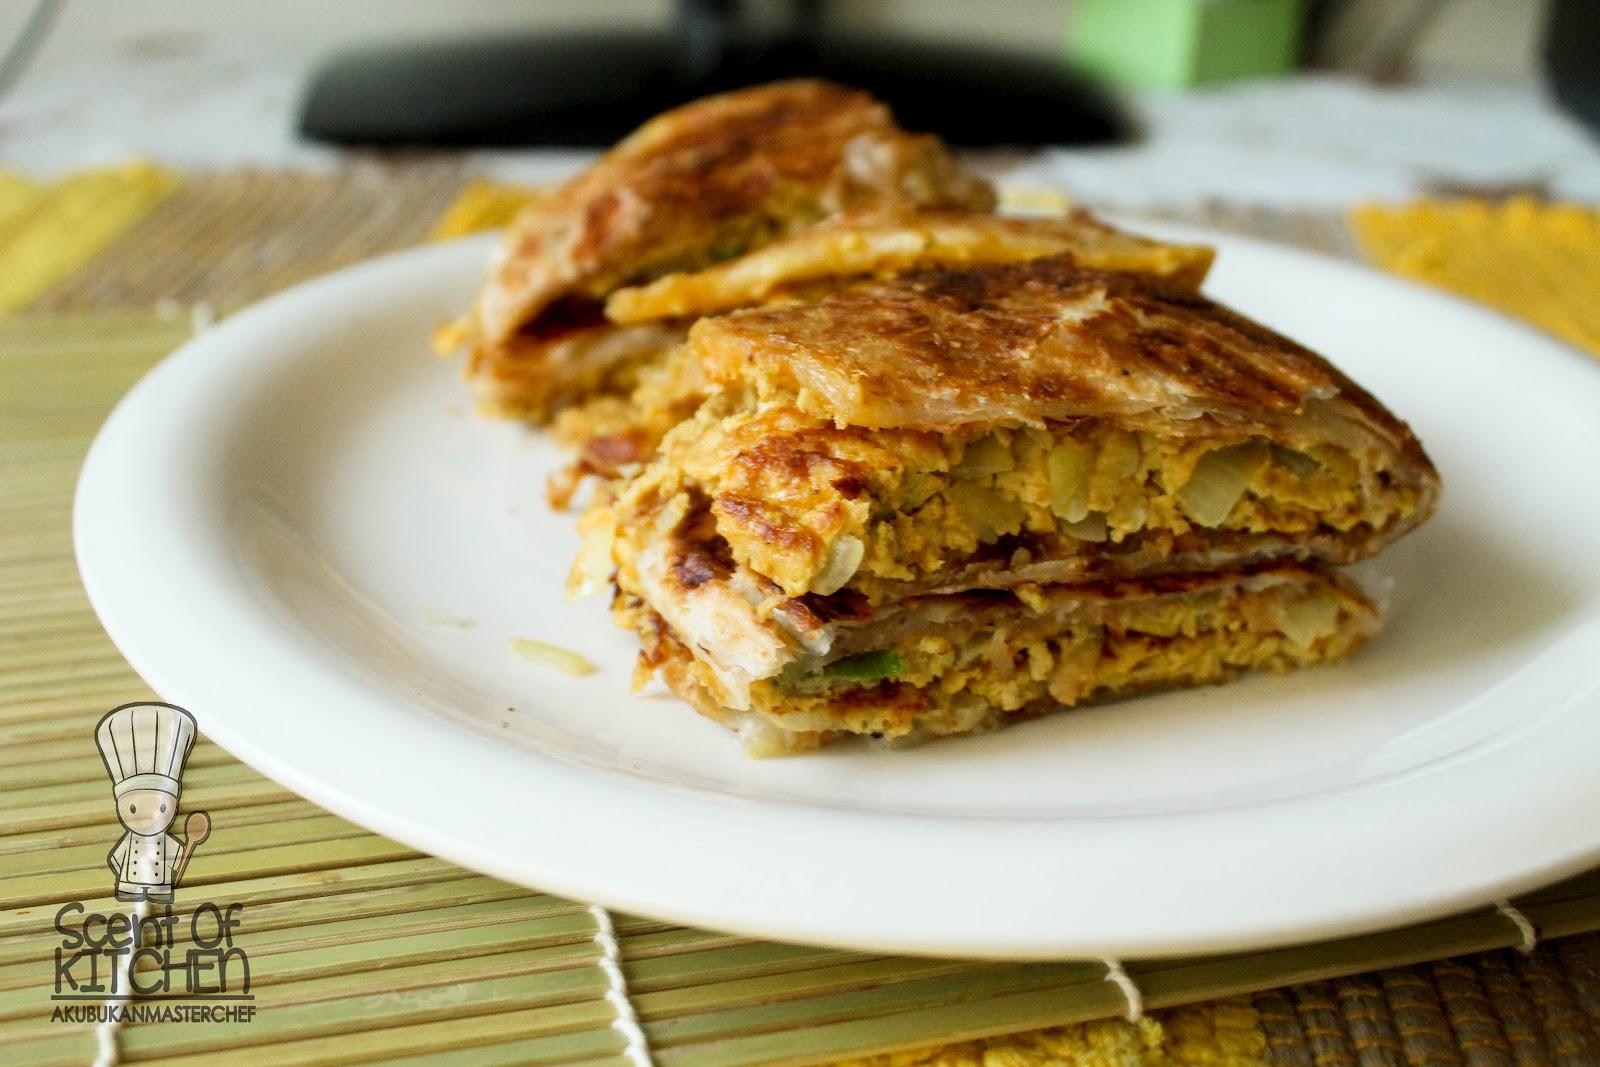 bukan masterchef resepi  pratha ala murtabak berlipat Resepi Goreng Ayam Guna Serbuk Roti Enak dan Mudah